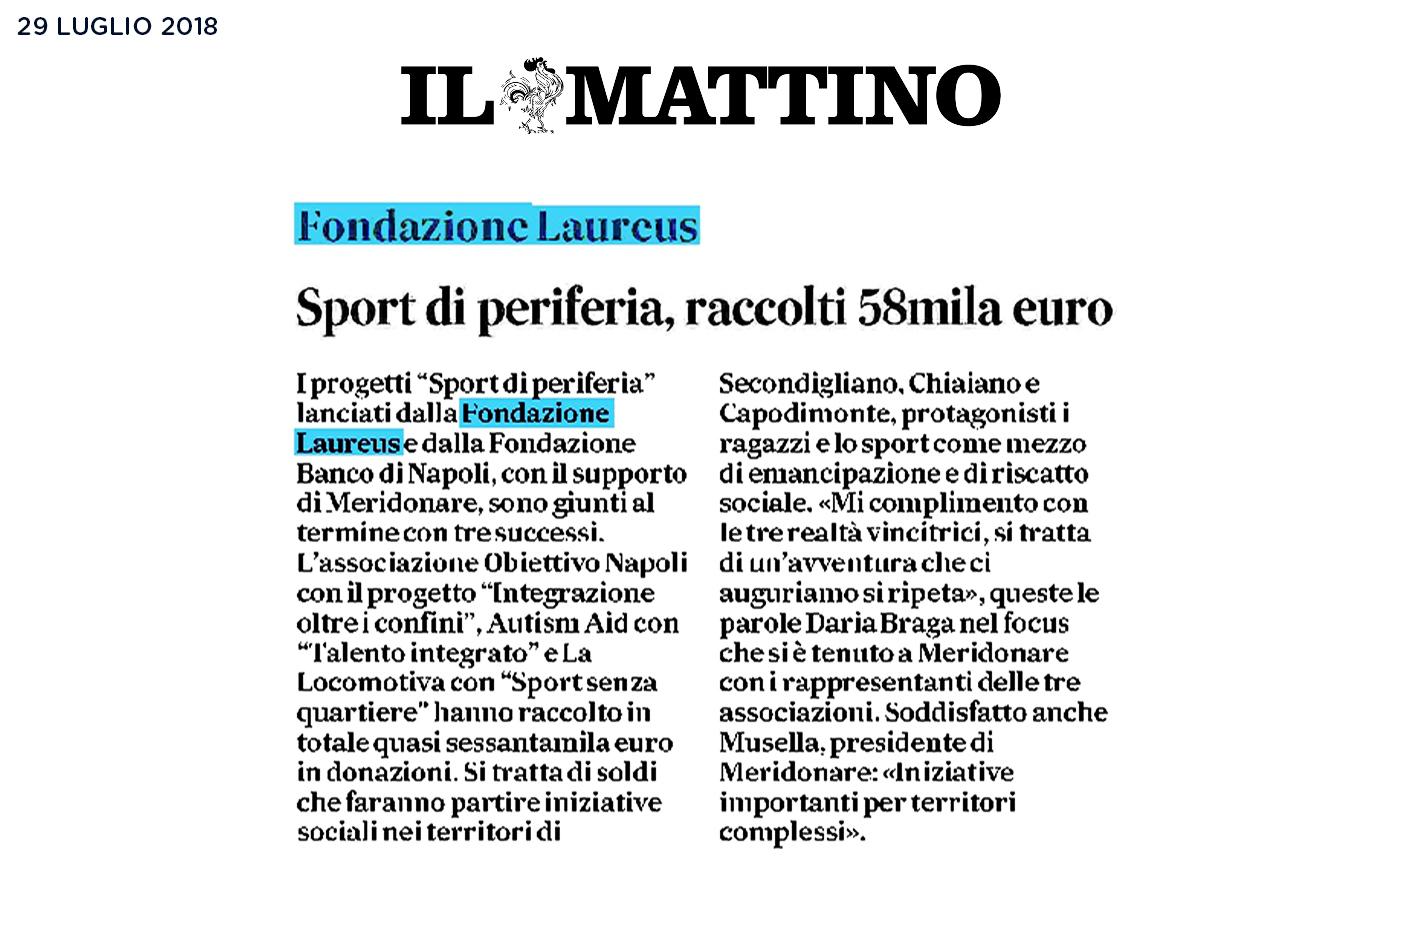 2018_07_29_IL-MATTINO